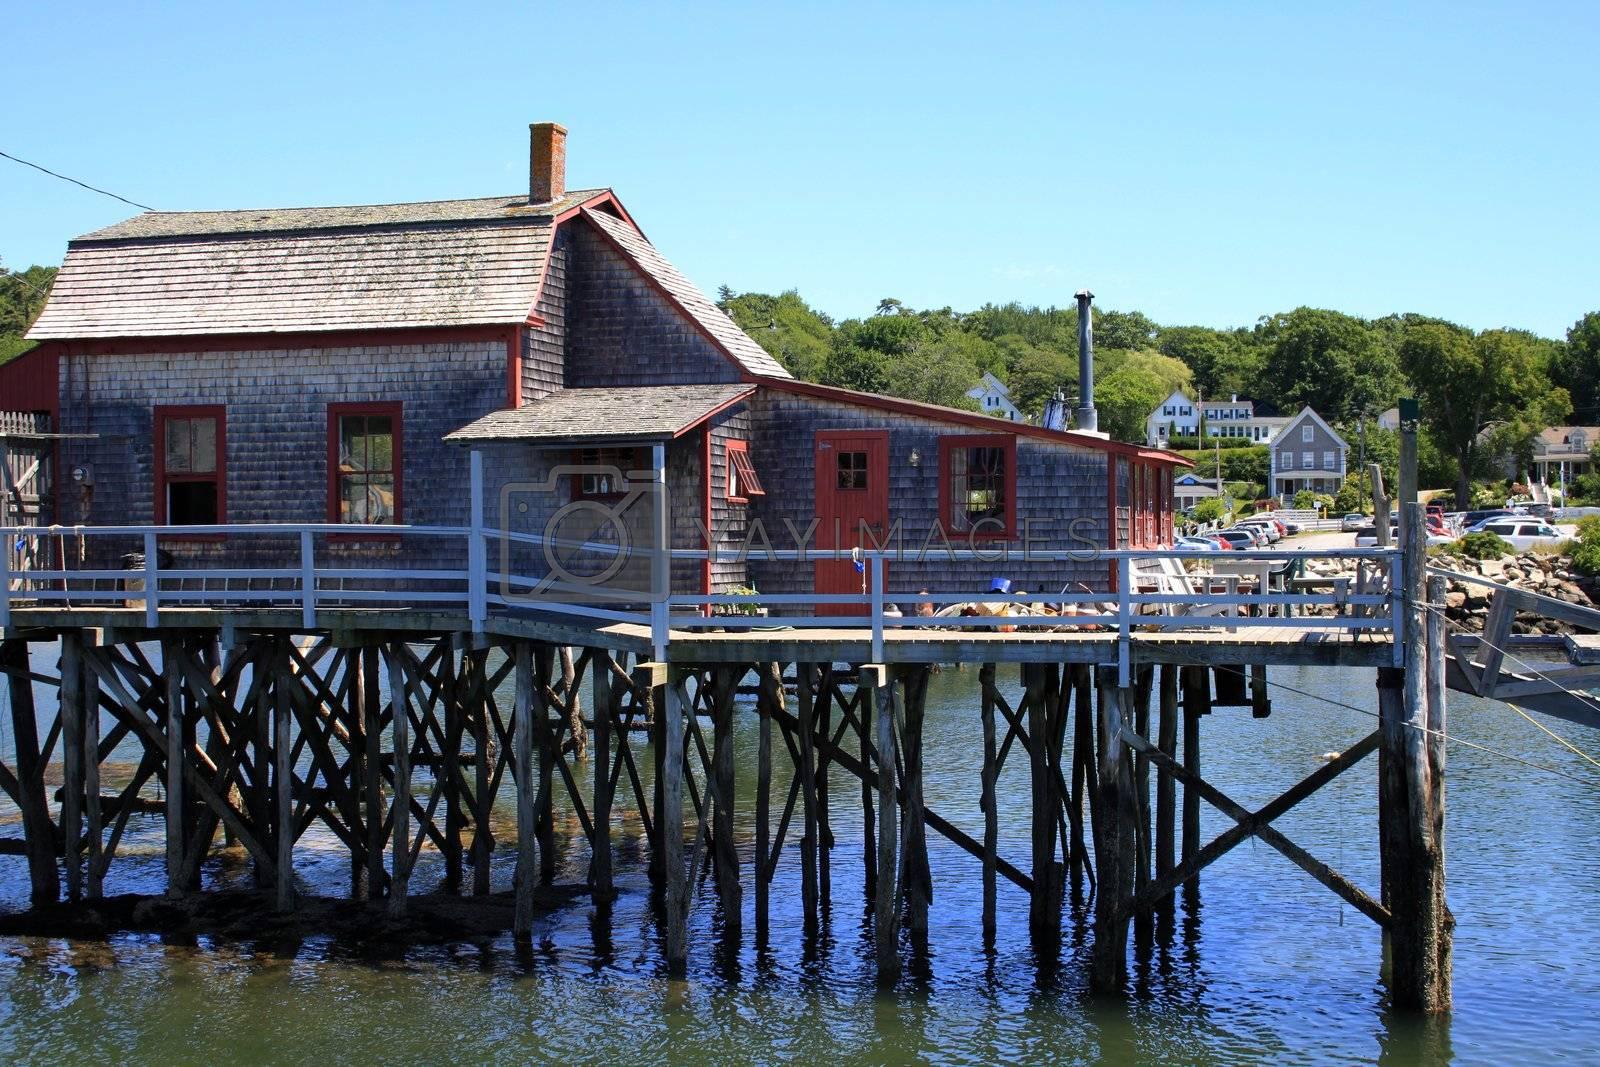 Beach house on stilts near ocean wharf